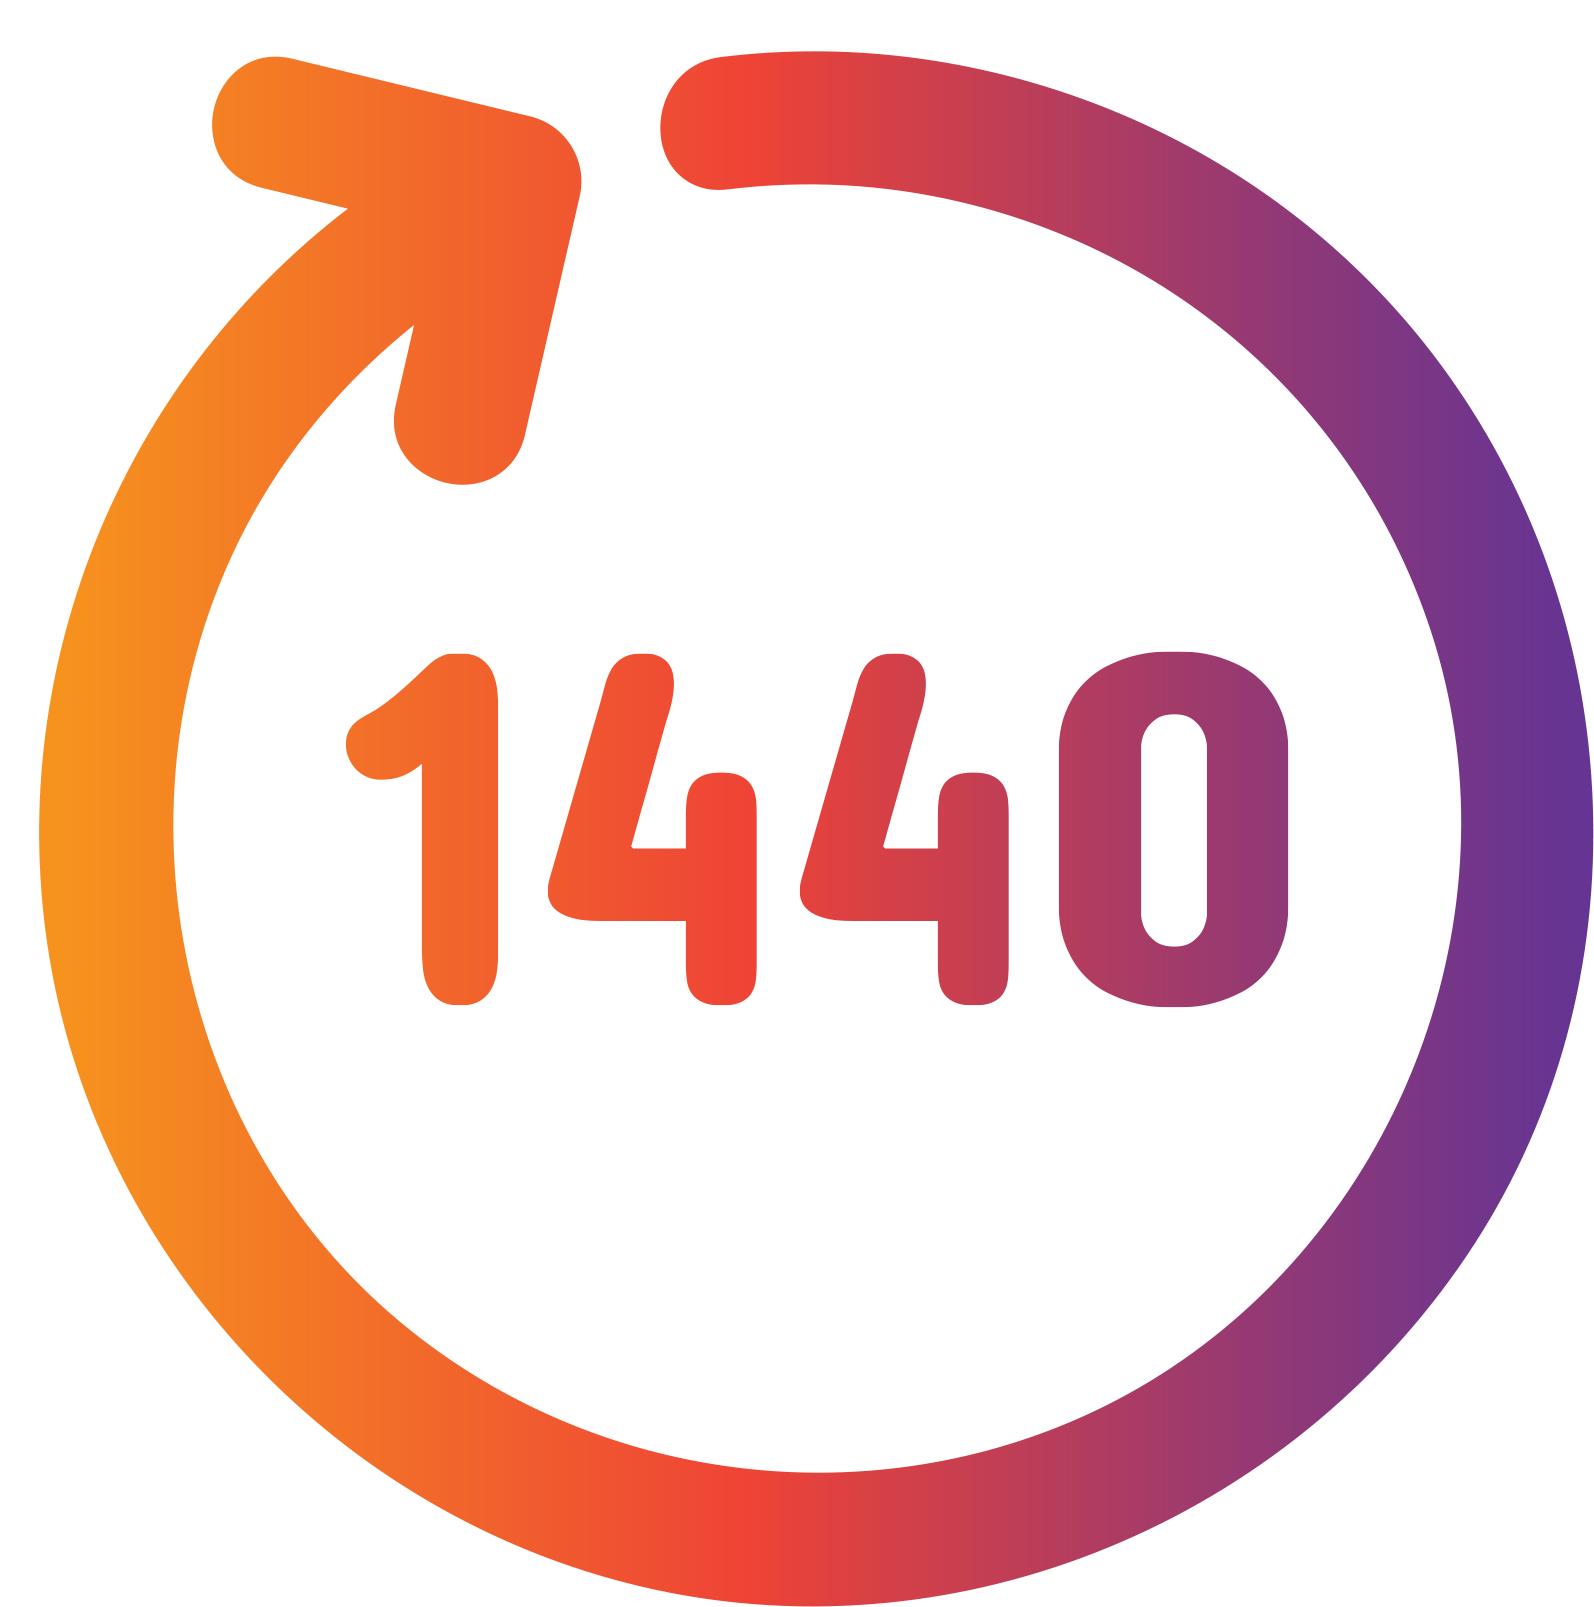 ... işini kurmak üzere görevinden ayrılan Engin Gedik, iletişime yeni bir  boyut kazandıracak olan 1440 ismini verdiği ajansı hayata geçirdiğini  duyurdu.